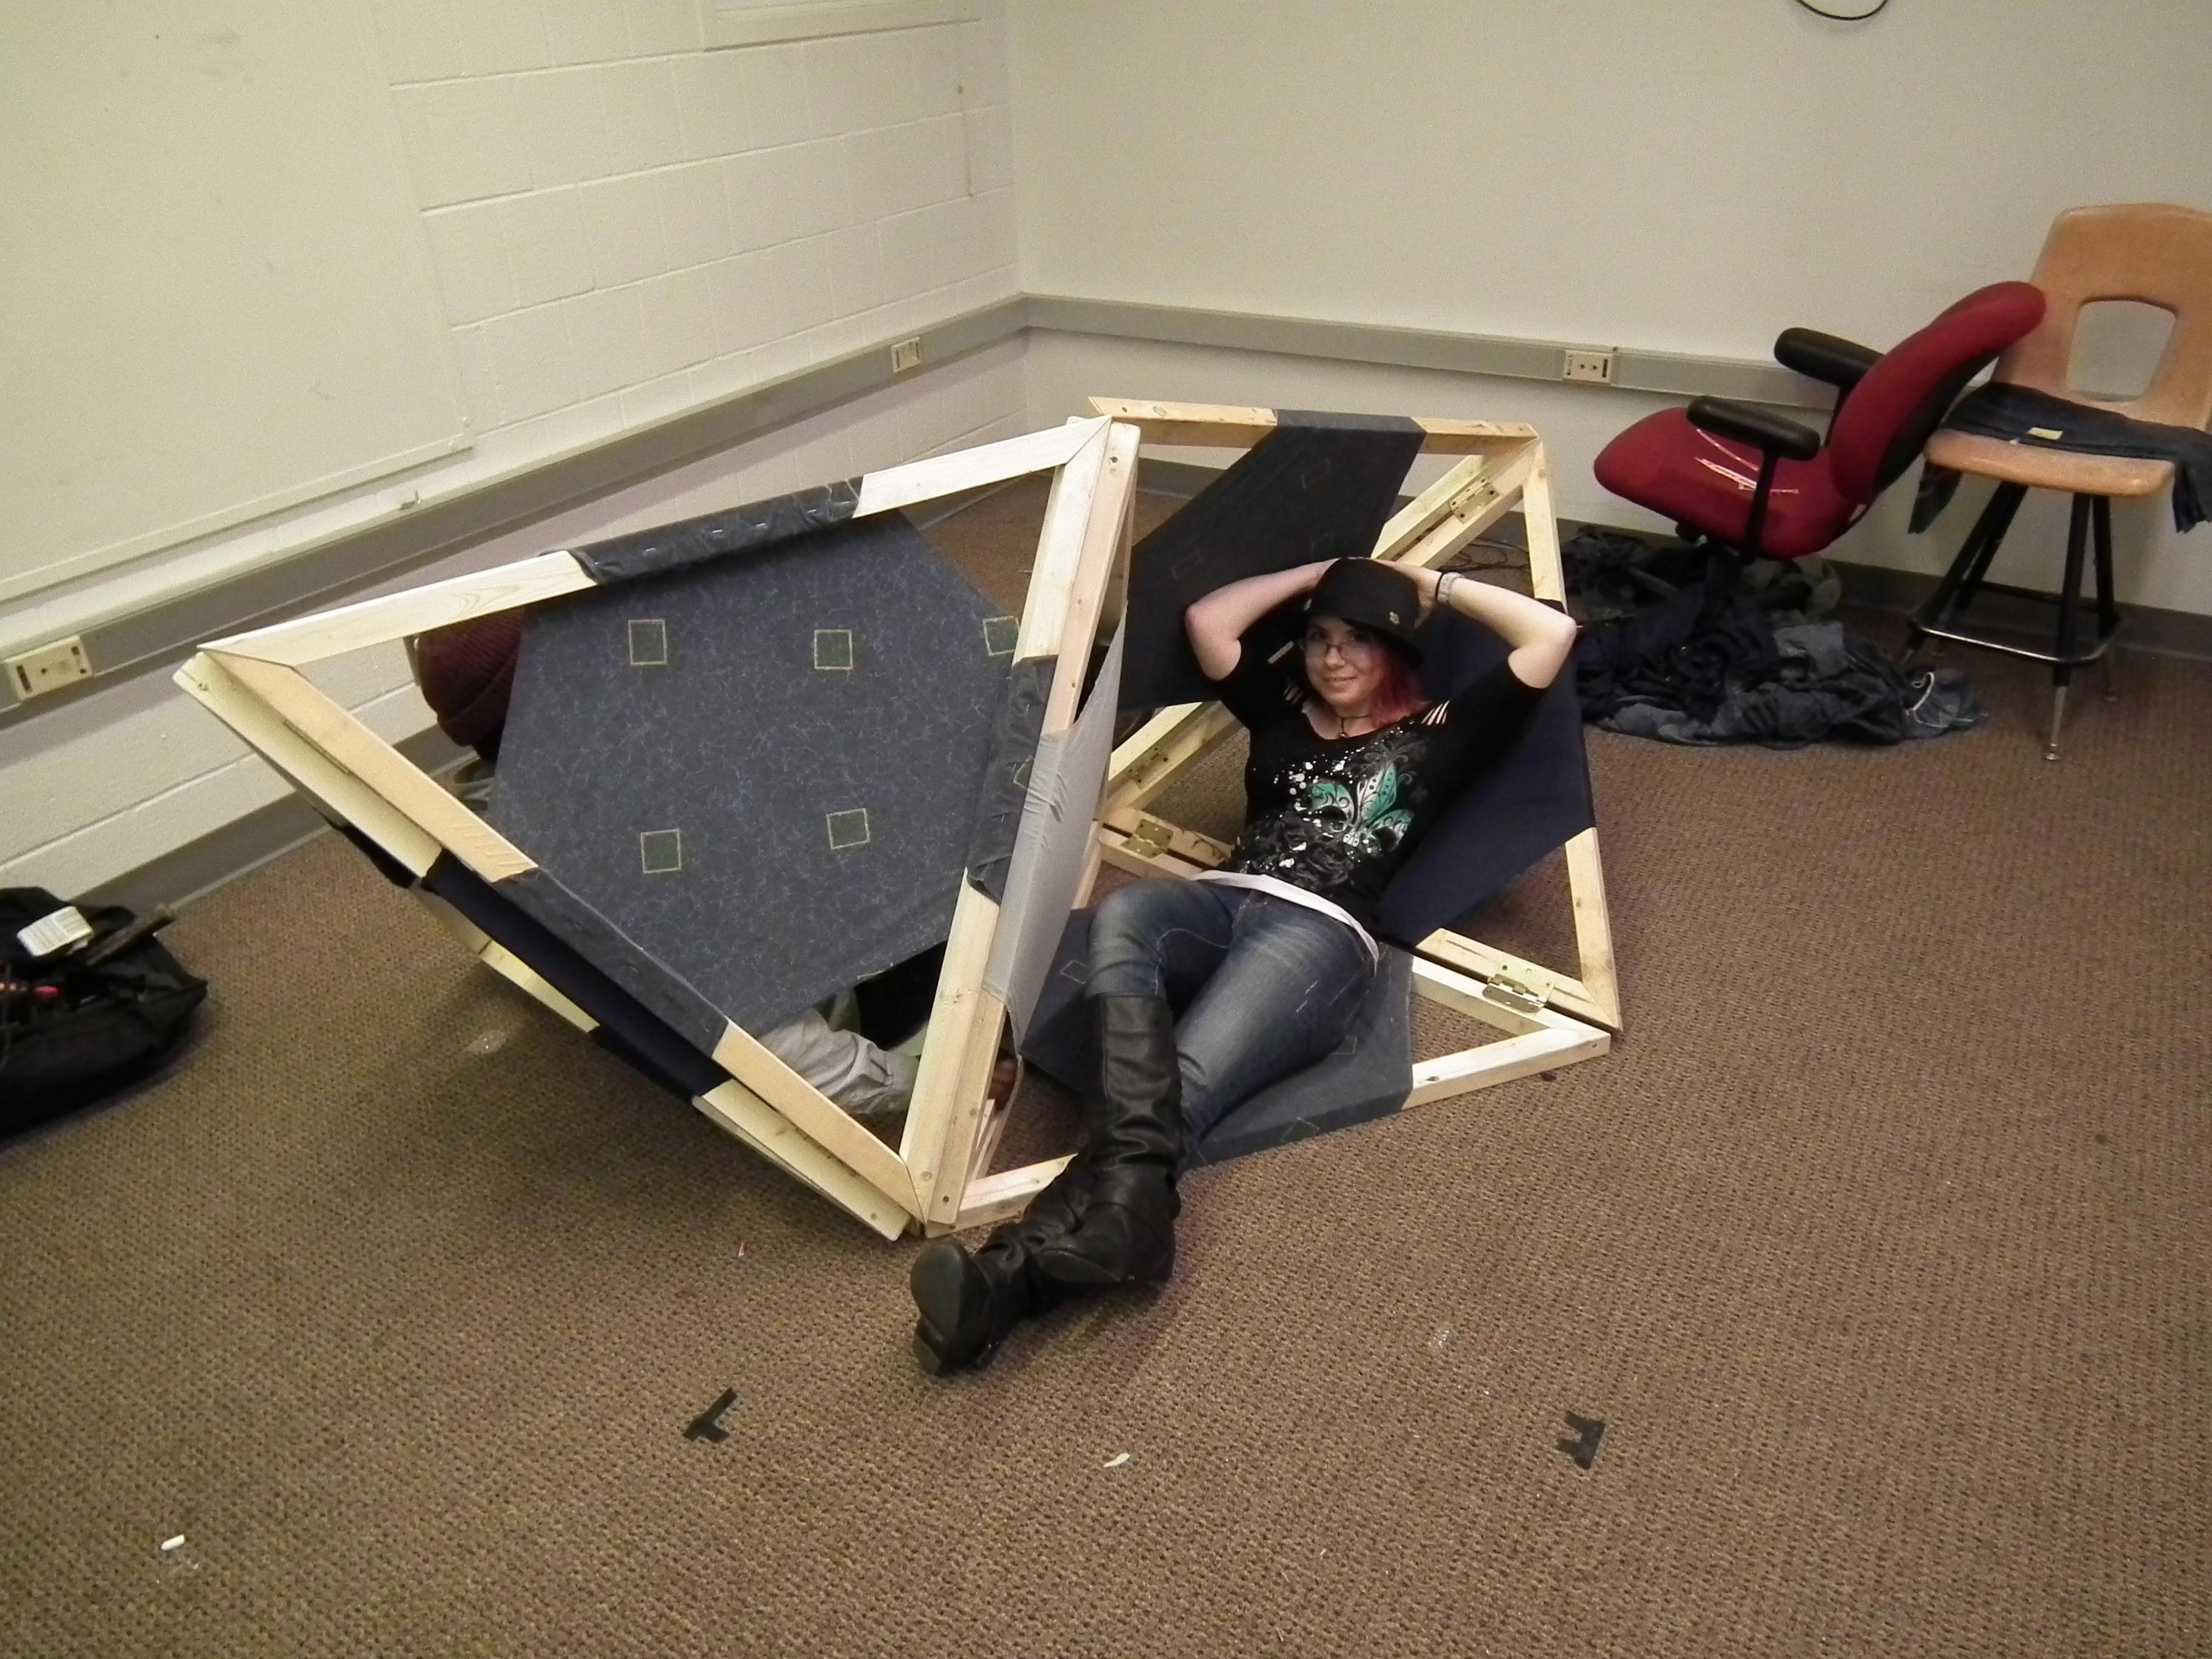 Hex-a-Flex-a Chair